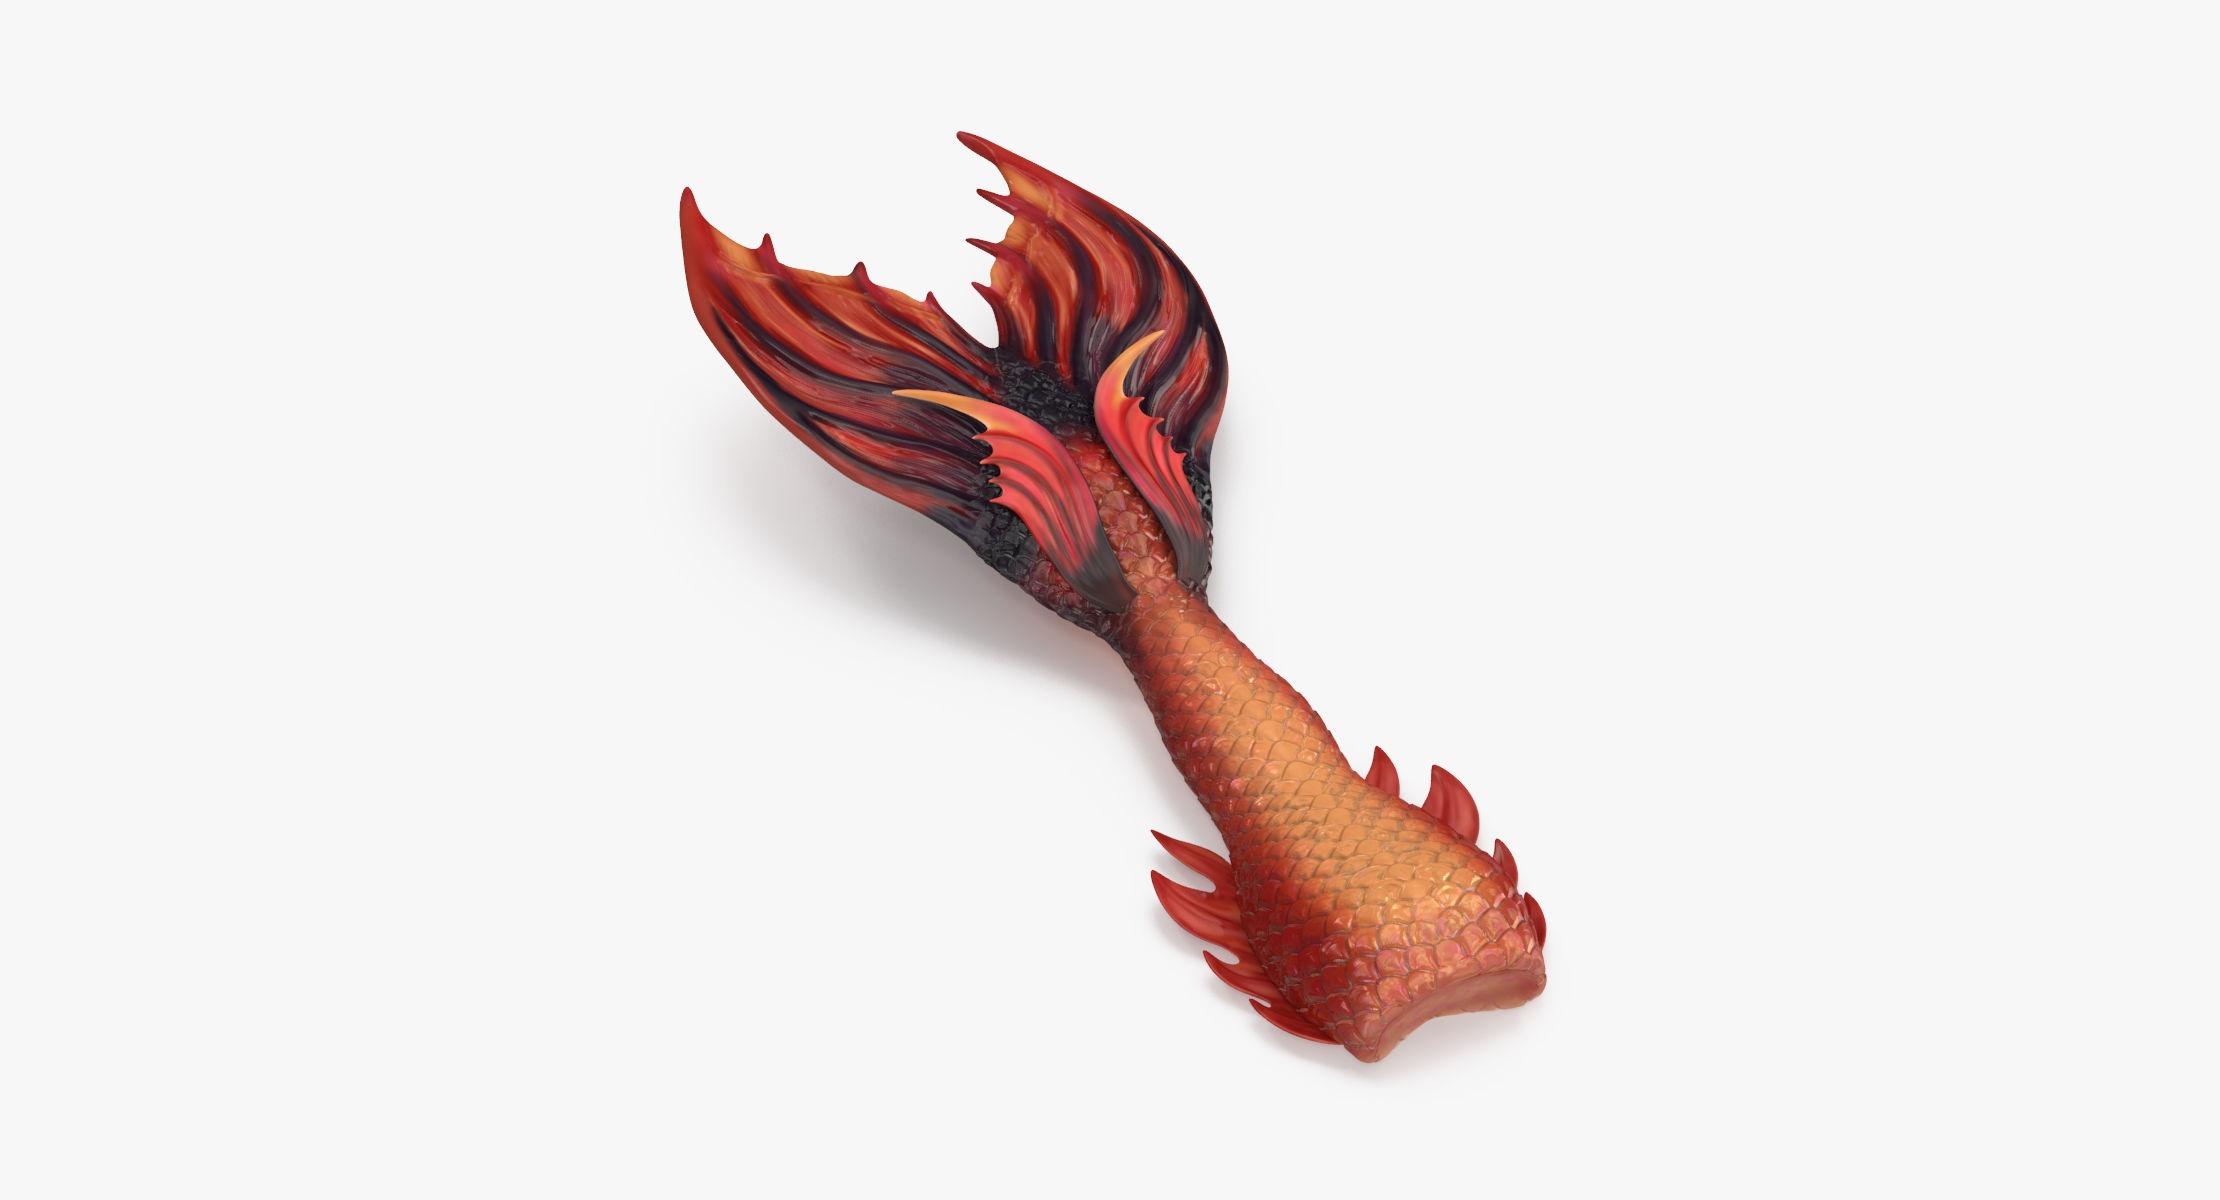 Mermaid Tail 02 Laying - reel 1